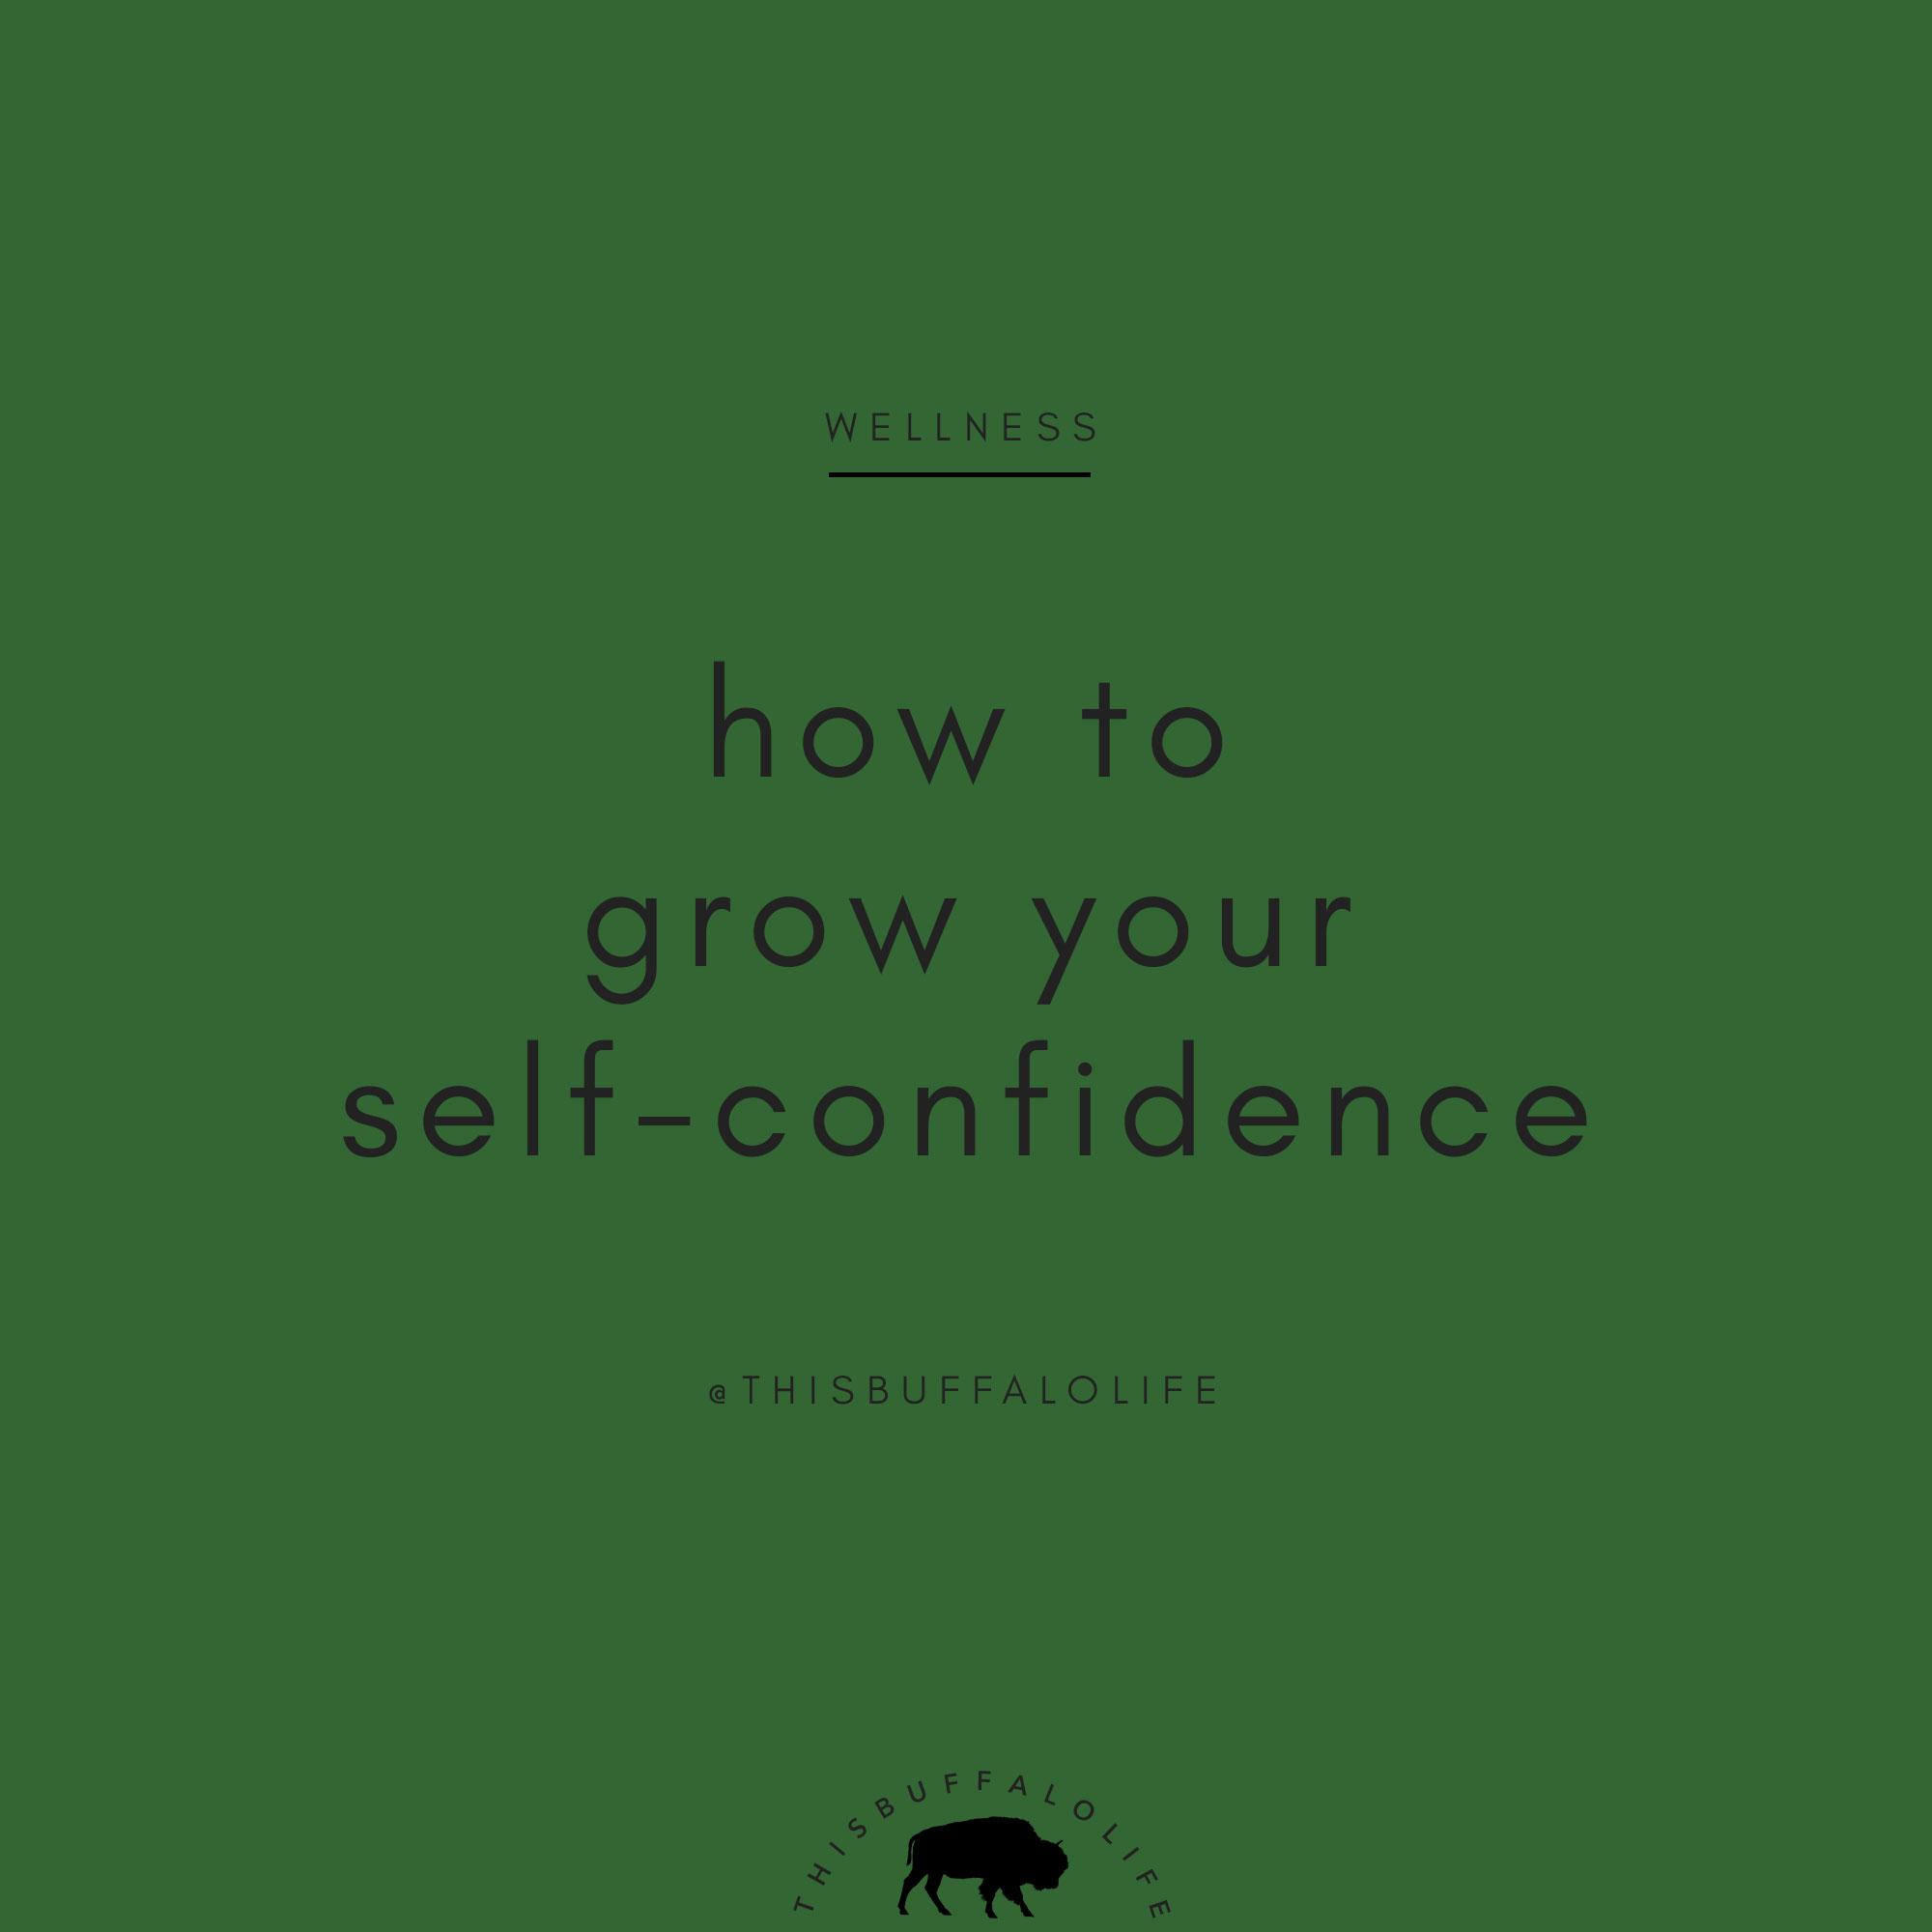 grow-conf.jpg